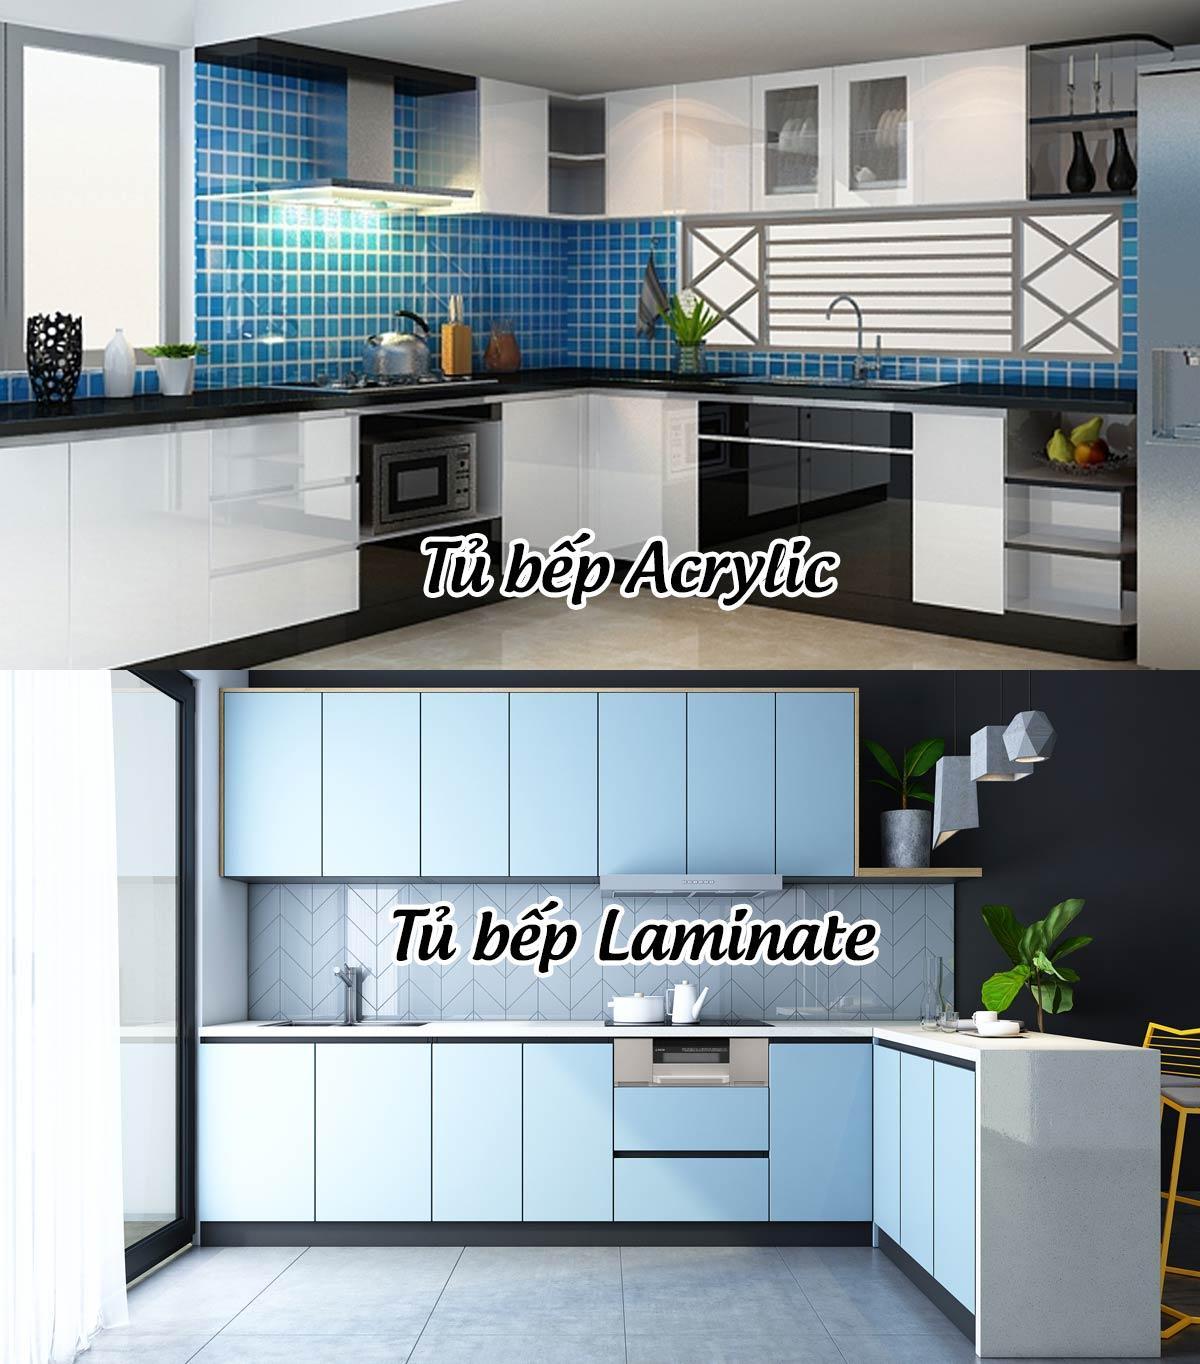 vật liệu Acrylic và laminate